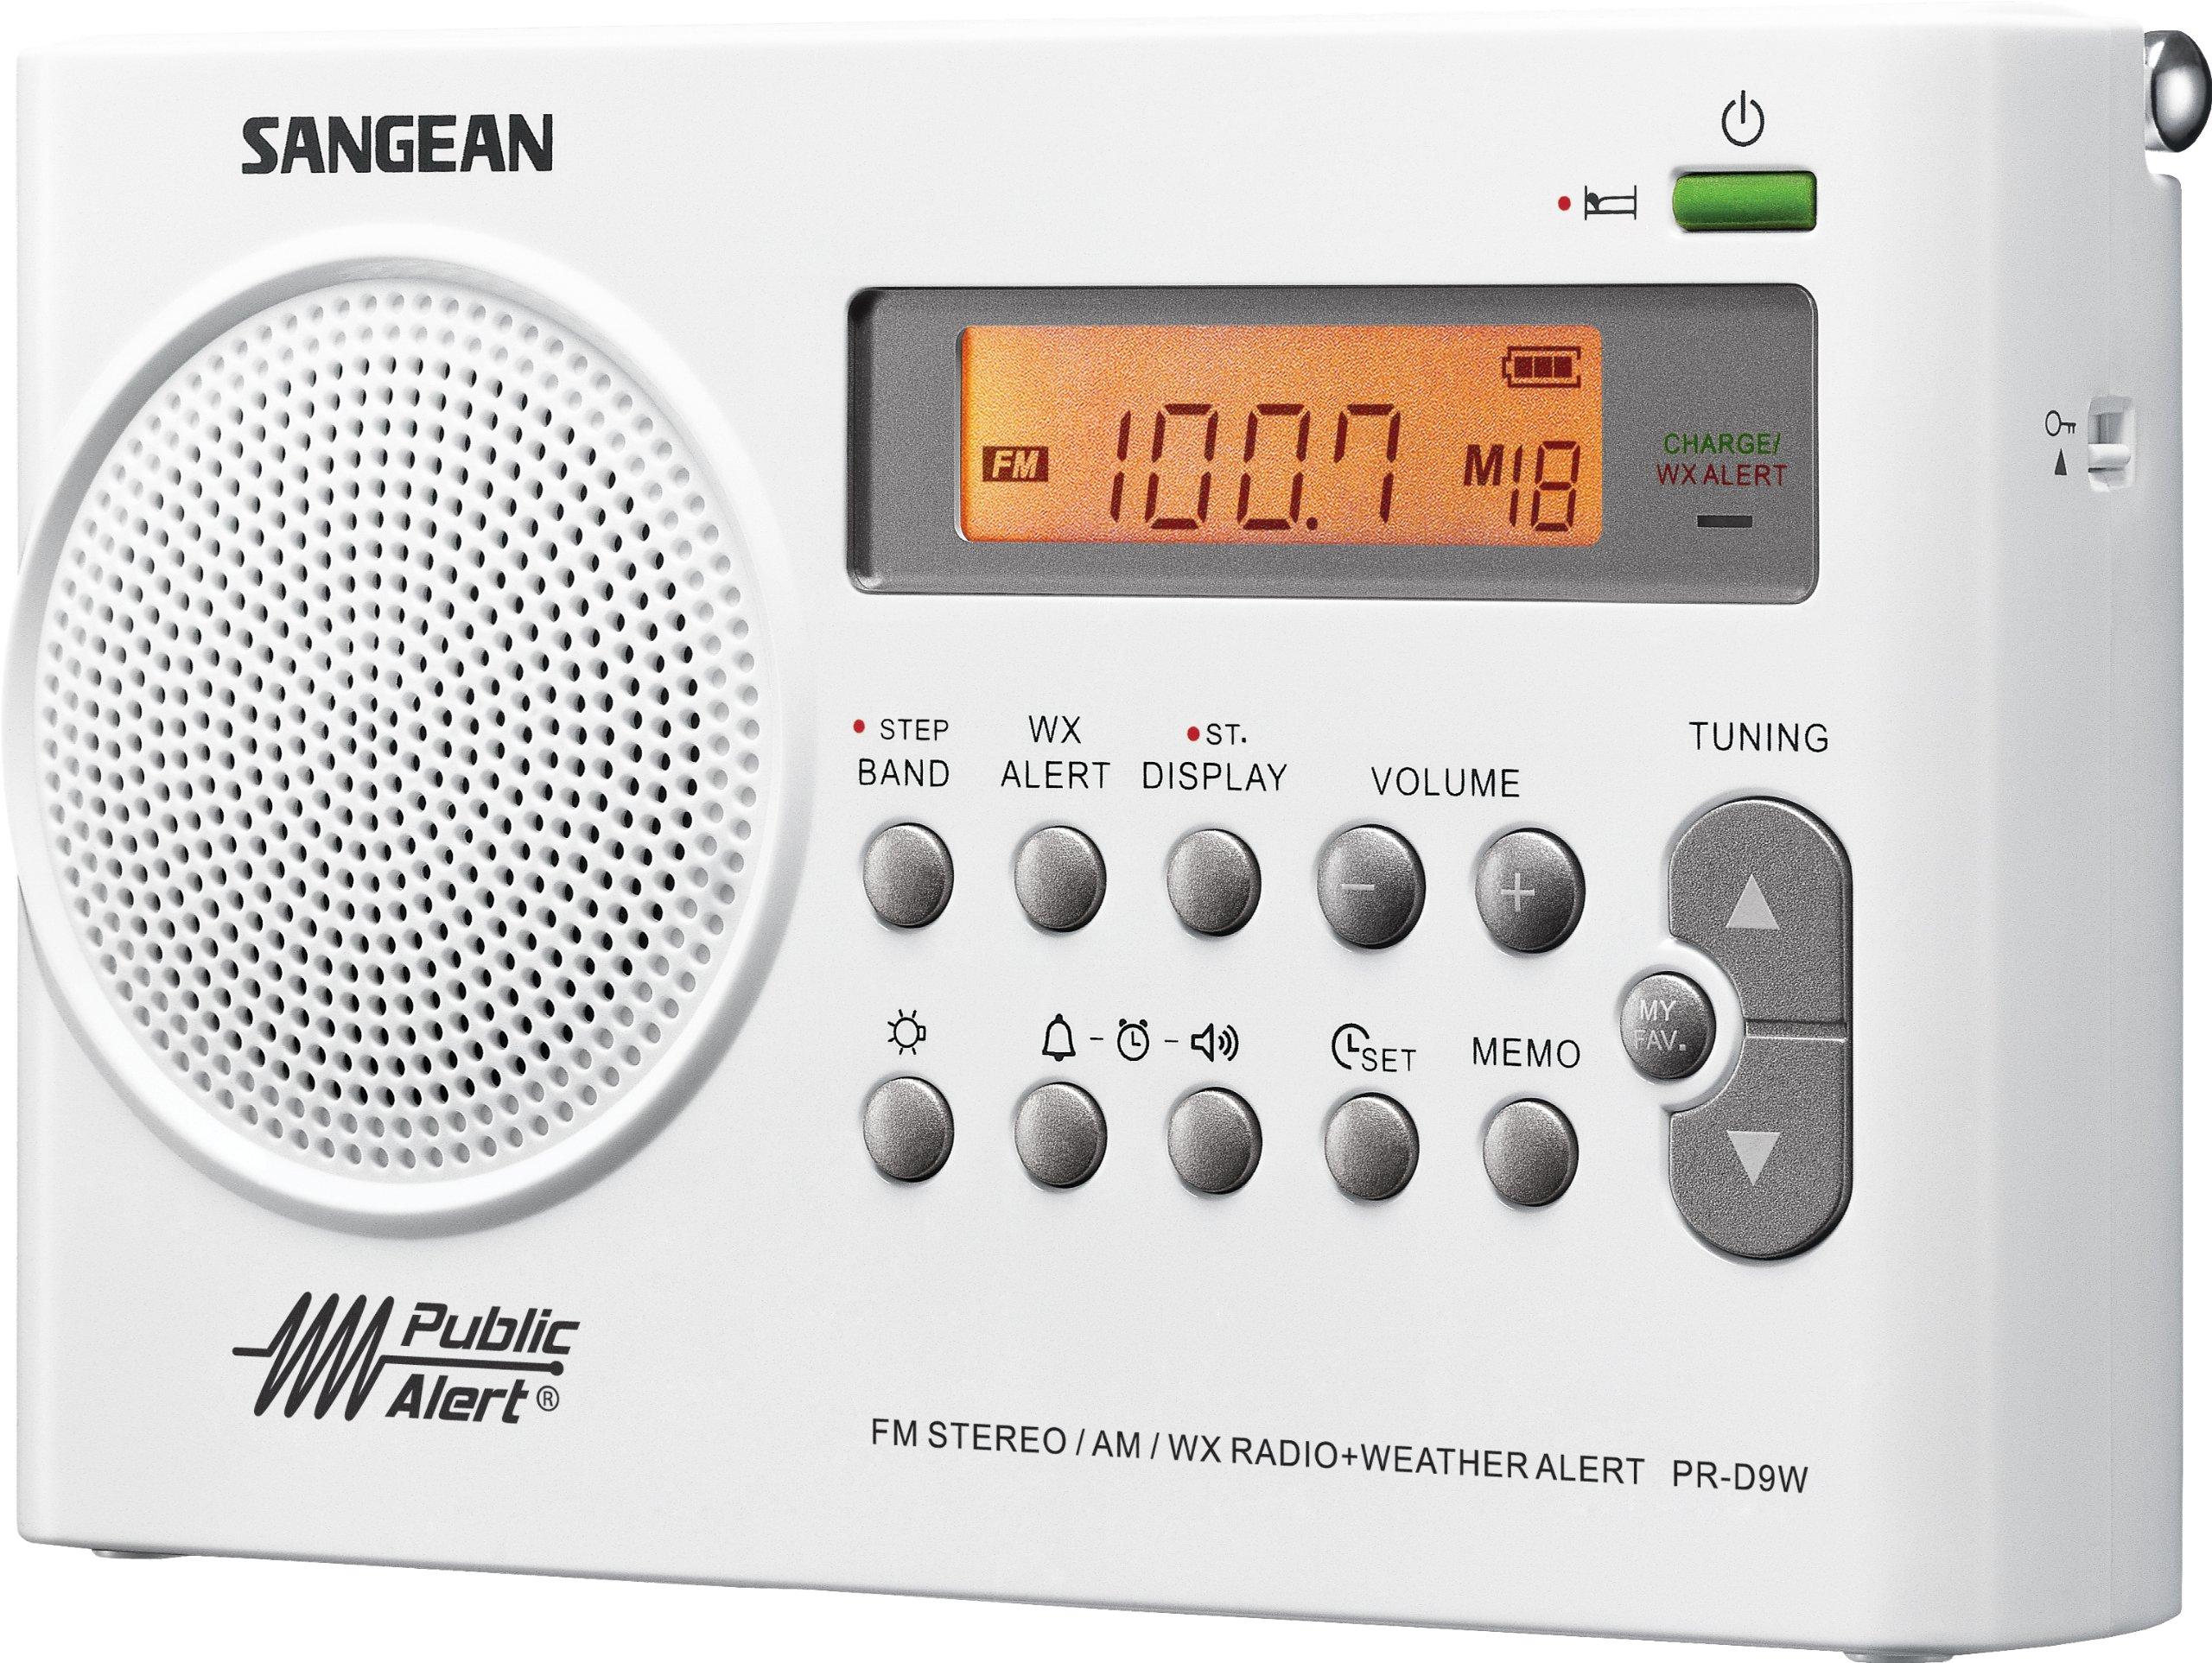 Sangean PR-D9W AM/FM Weather Alert Rechargeable Portable Radio